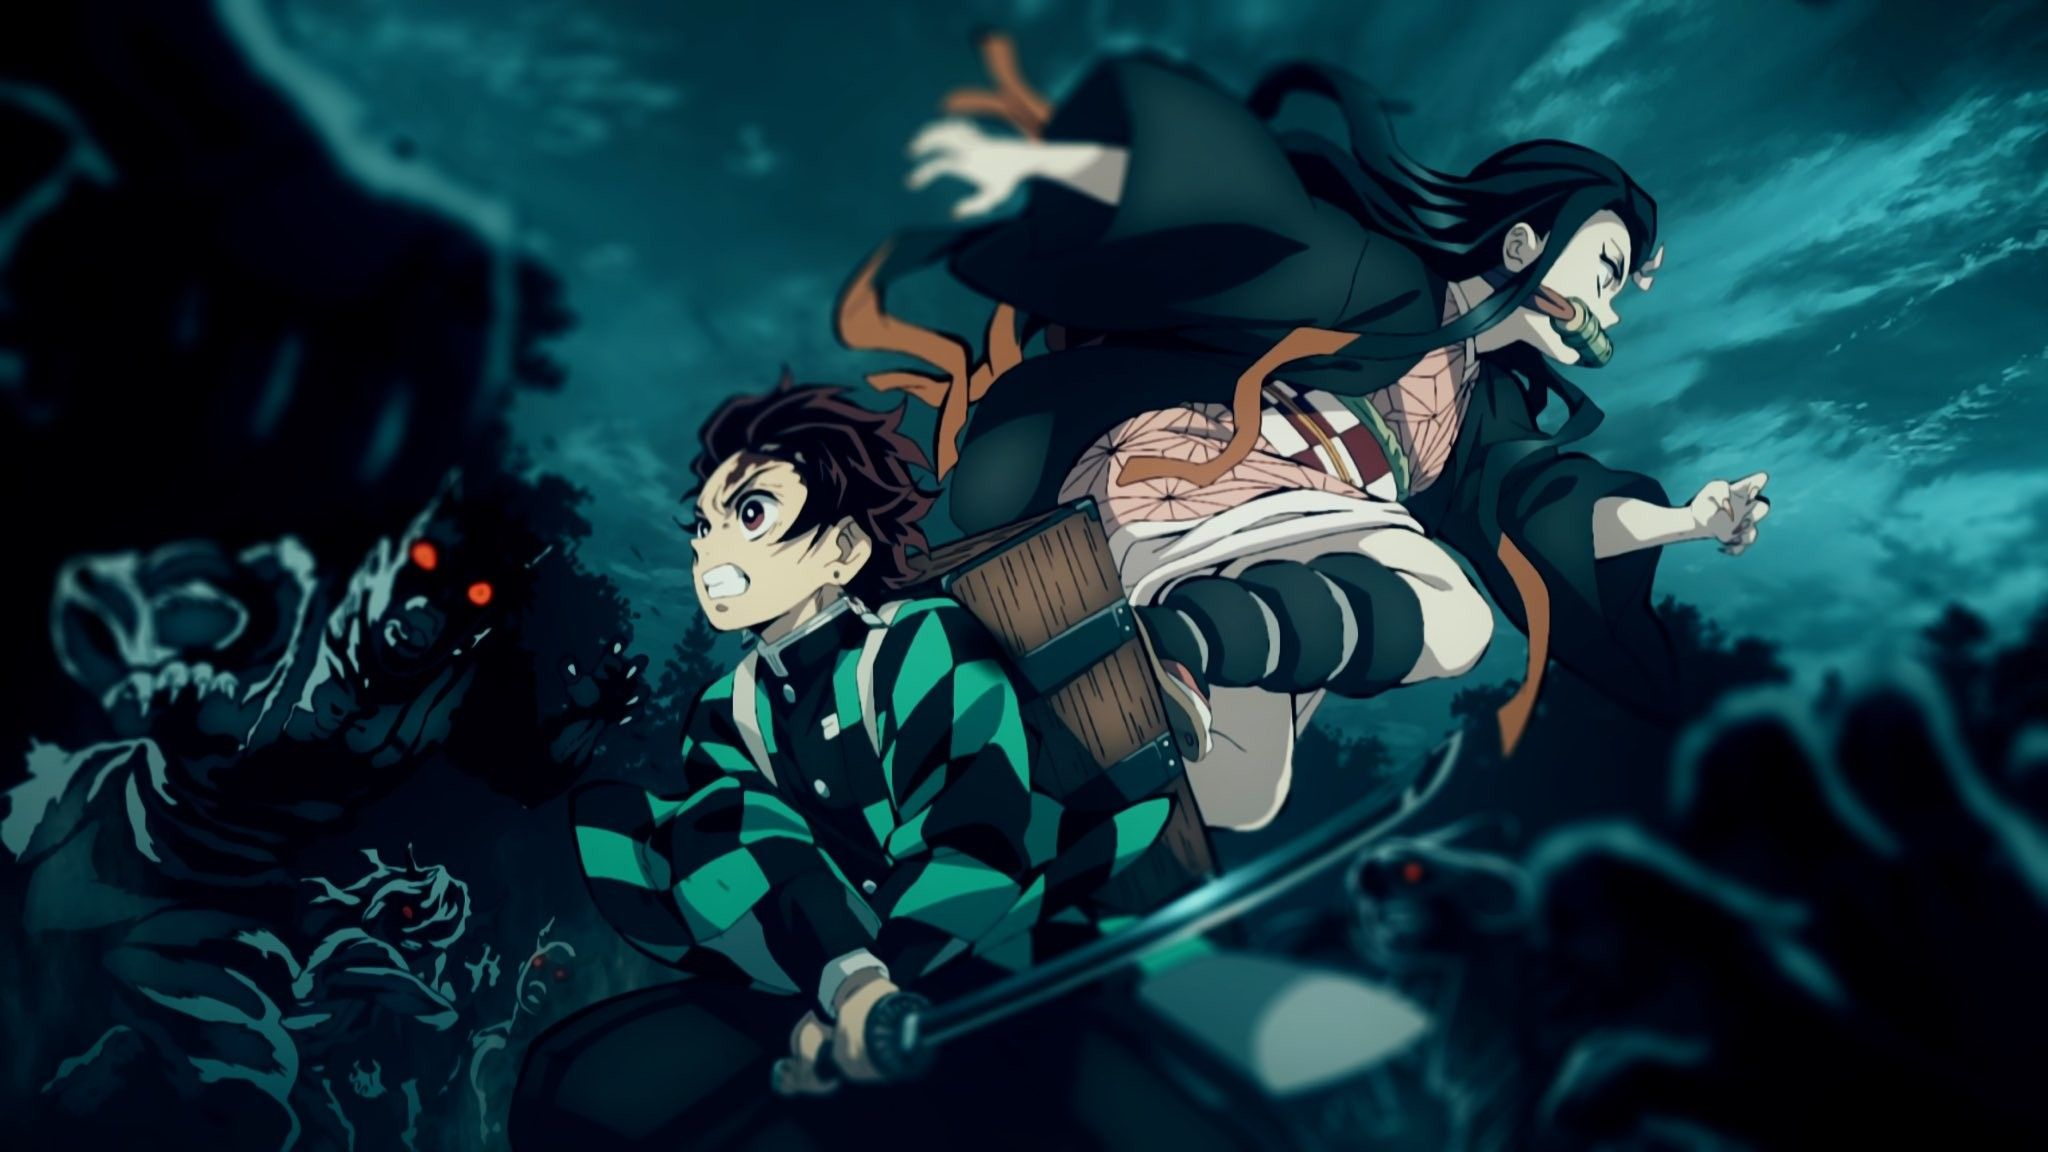 Pin by bleh bleh on Anime Anime wallpaper, Anime, Anime